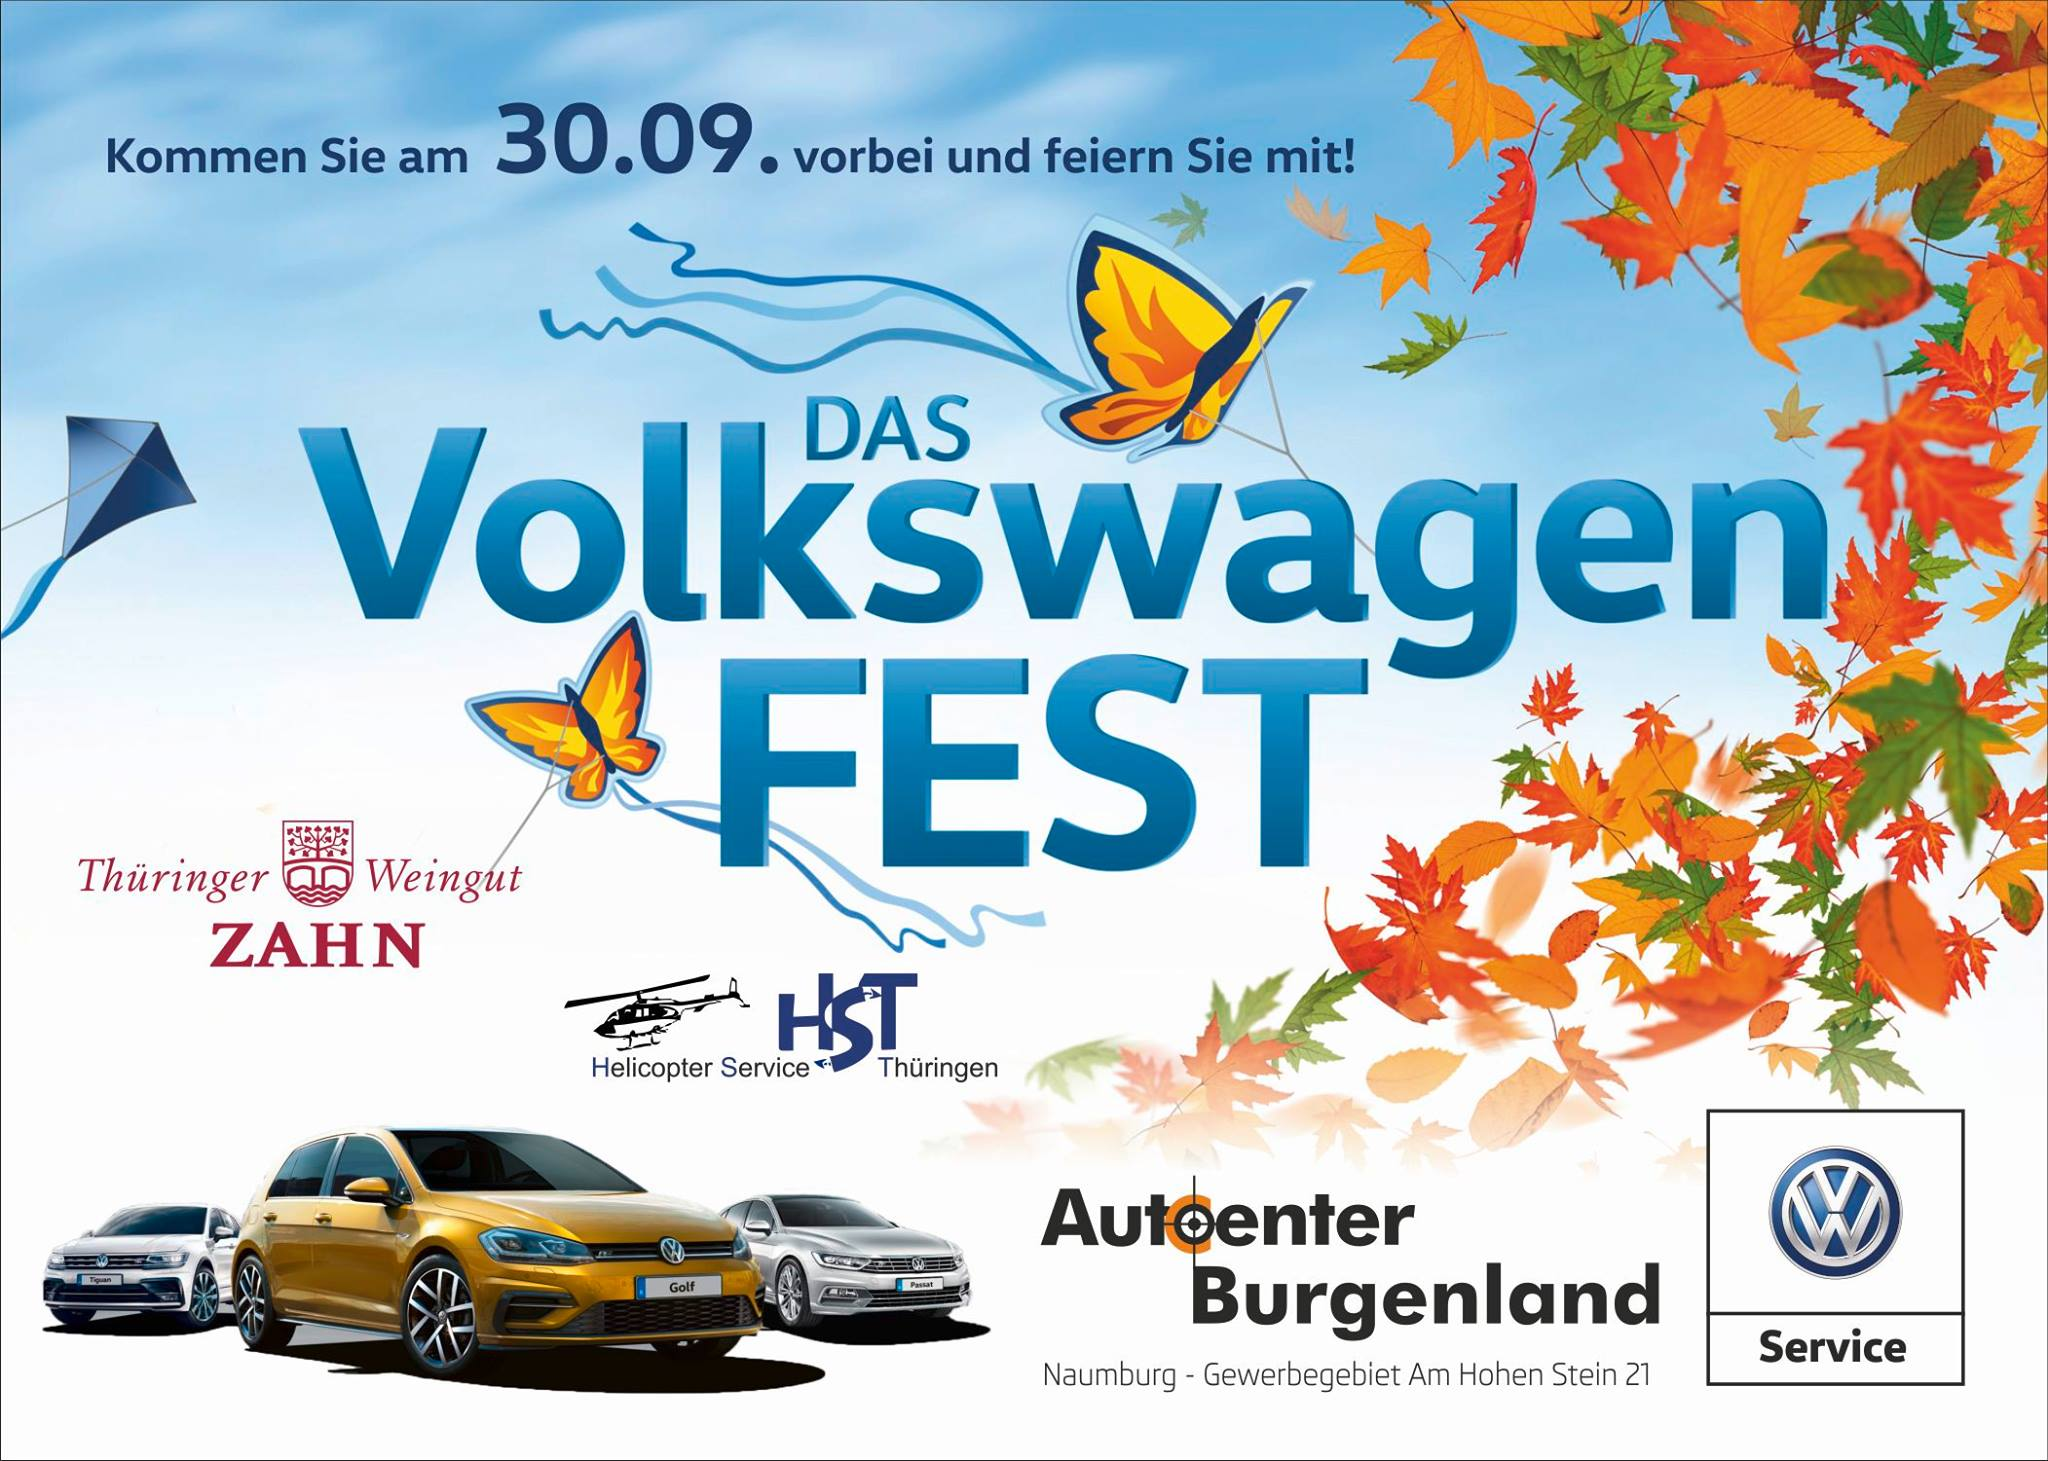 Das Volkswagenfest am 30.09